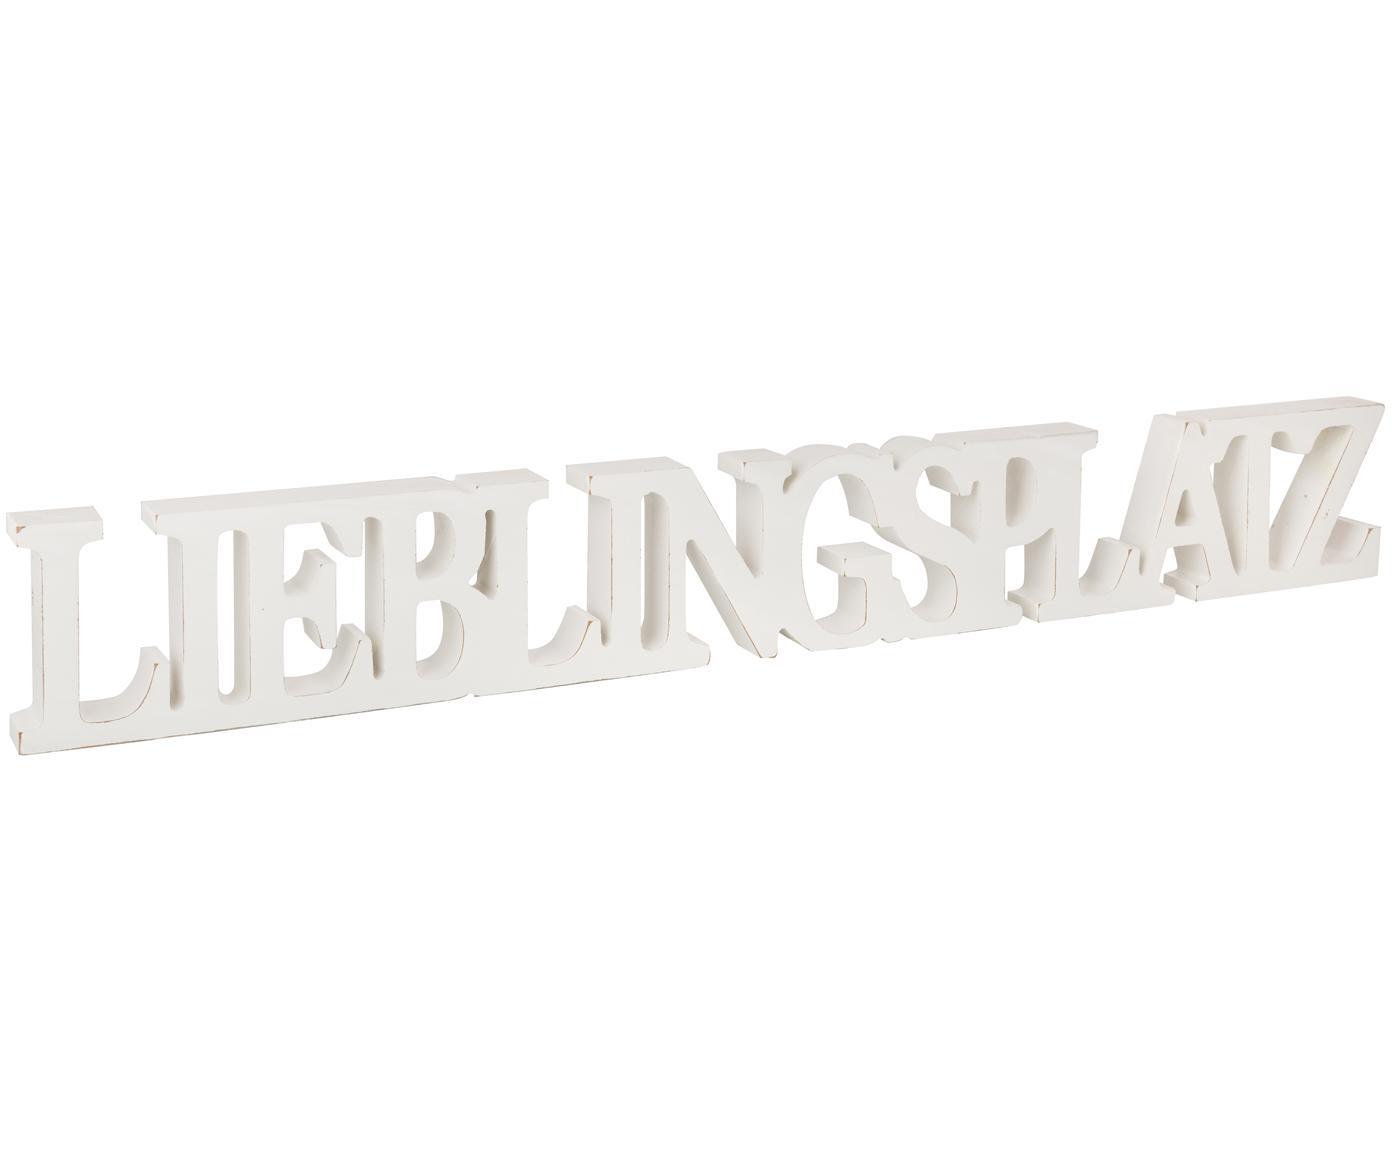 Deko-Objekt Lieblingsplatz, Mitteldichte Faserplatte (MDF), lackiert, Weiss, 60 x 8 cm